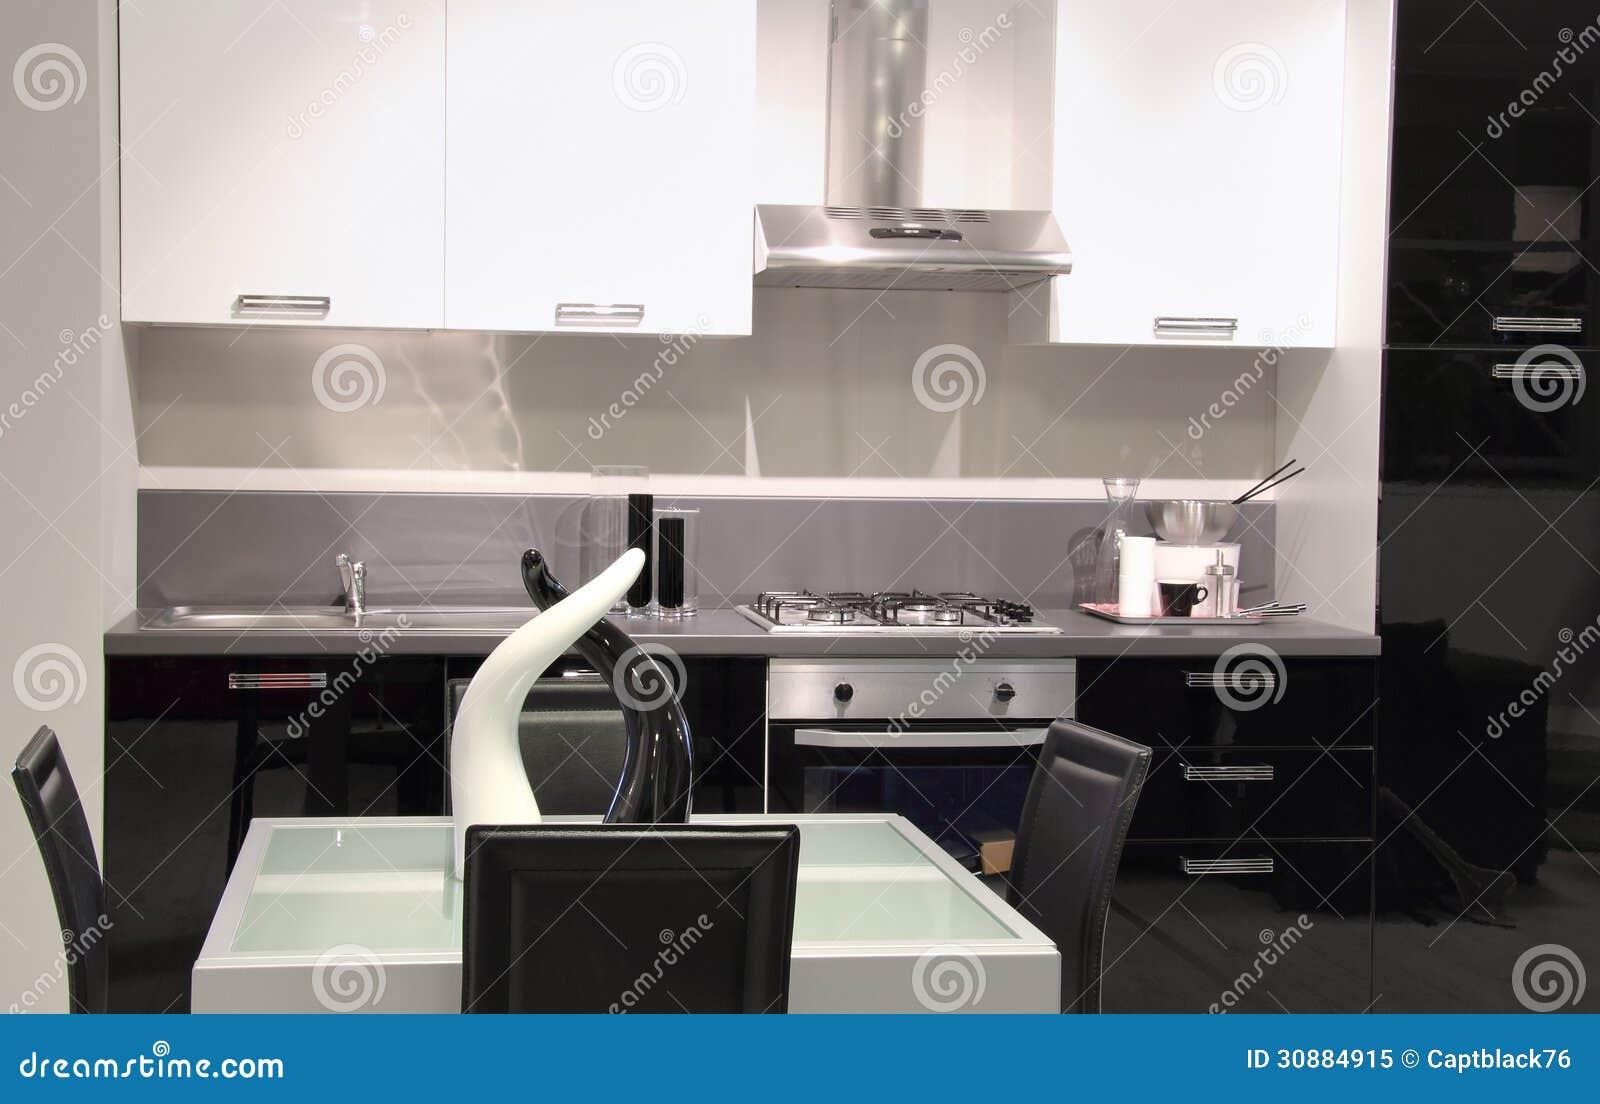 Moderne Keuken Kleuren : Moderne keuken met witte en zwarte kleuren stock afbeelding